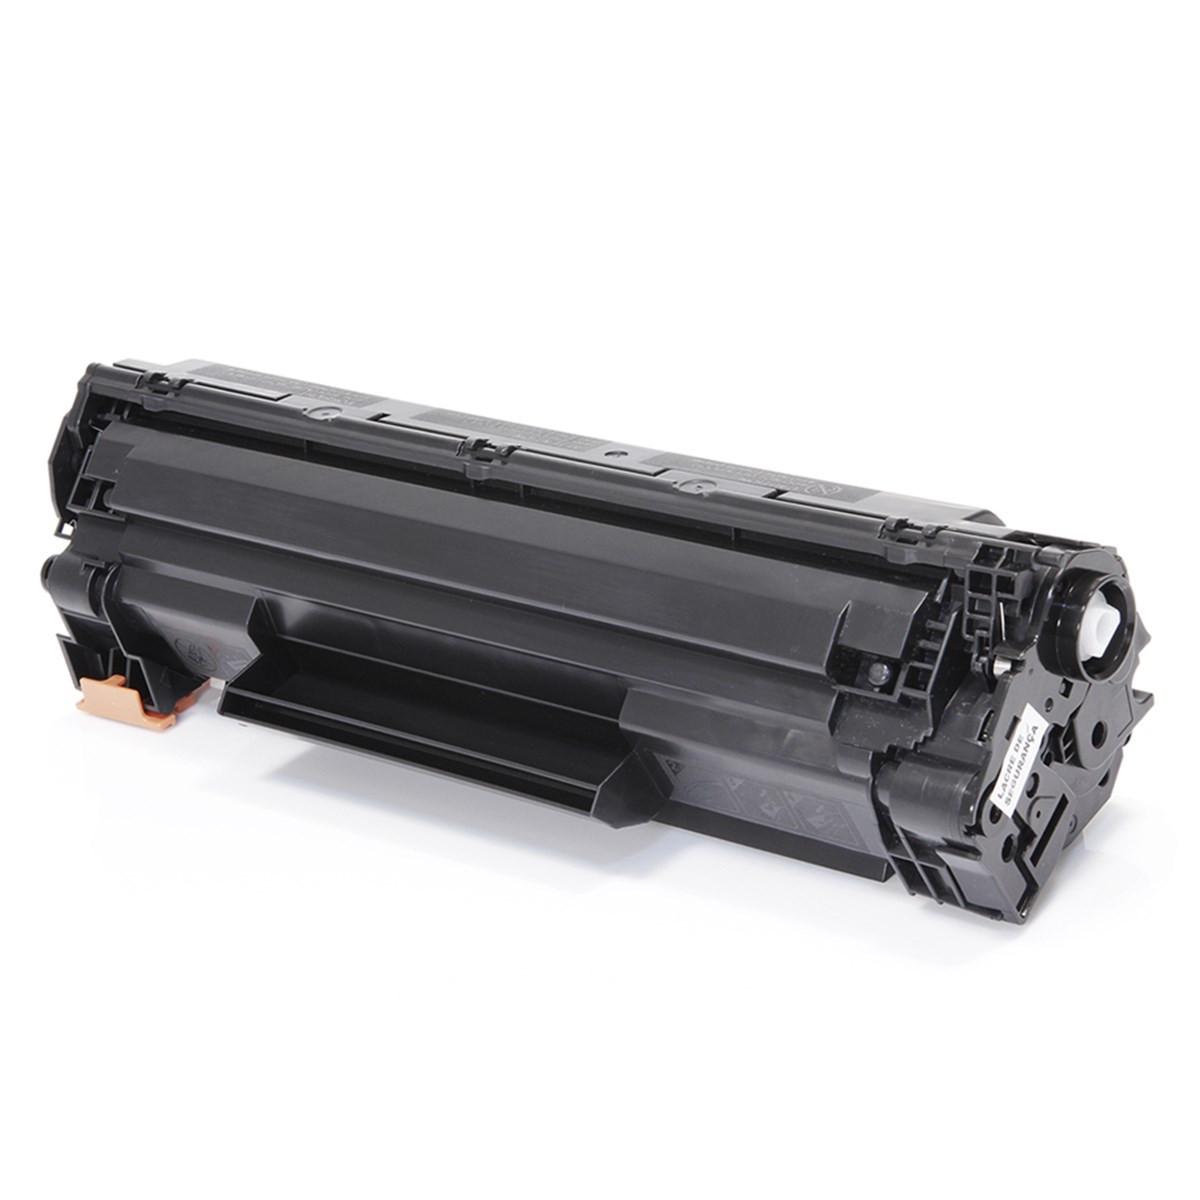 Toner Compatível HP CF283A 83A | M127FN M127FW M127 M125 M201 M225 M226 M202 | Premium Quality 1.5k